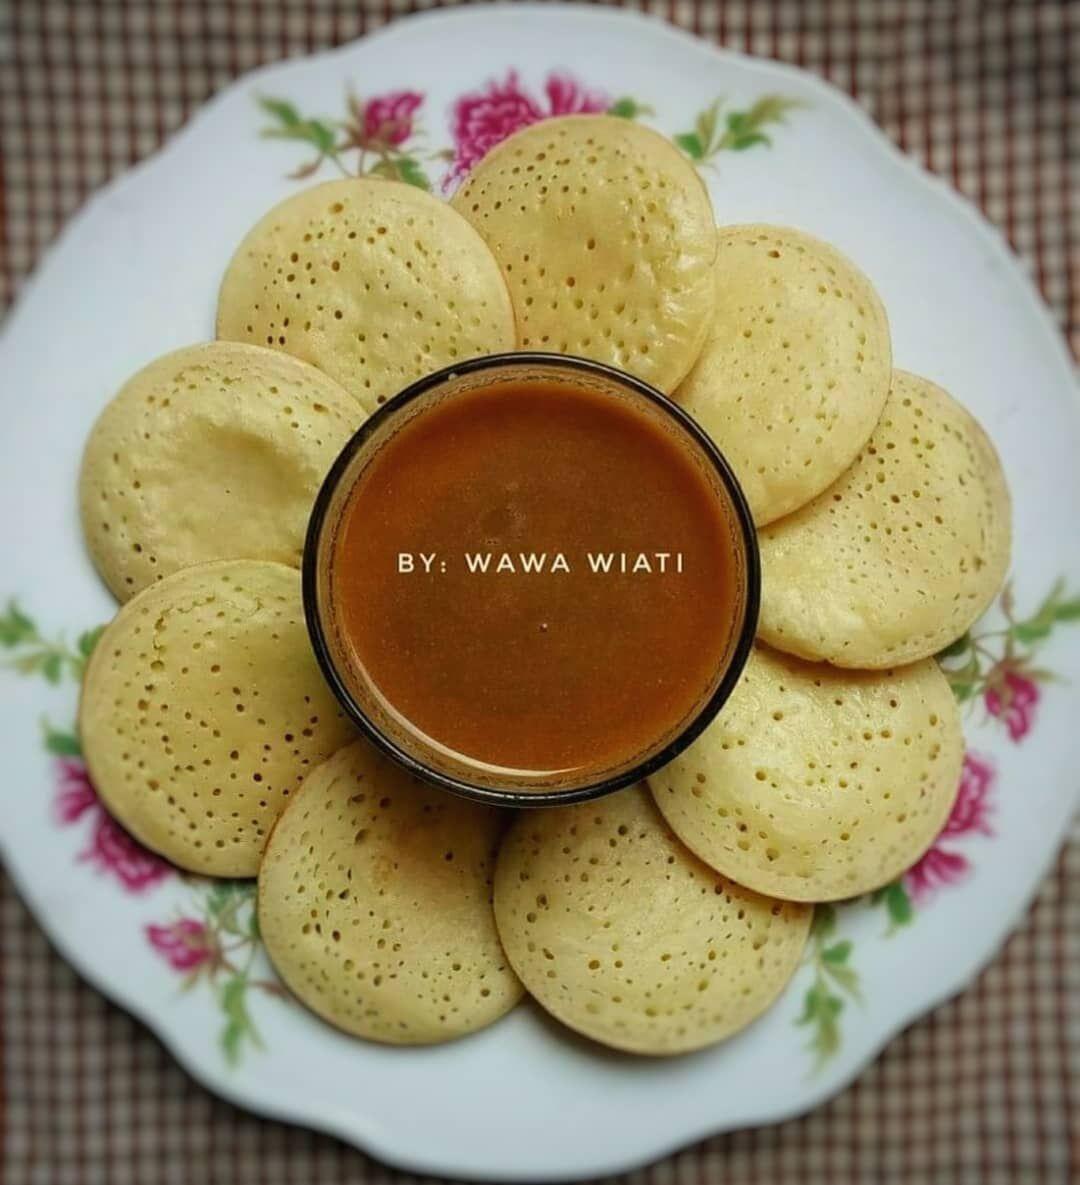 Karena Gak Punya Cetakan Serabi Jadi Ini Dicetak Pakai Cetakan Kue Lumpur Serabi Kinca B Food Traditional Cakes Food And Drink